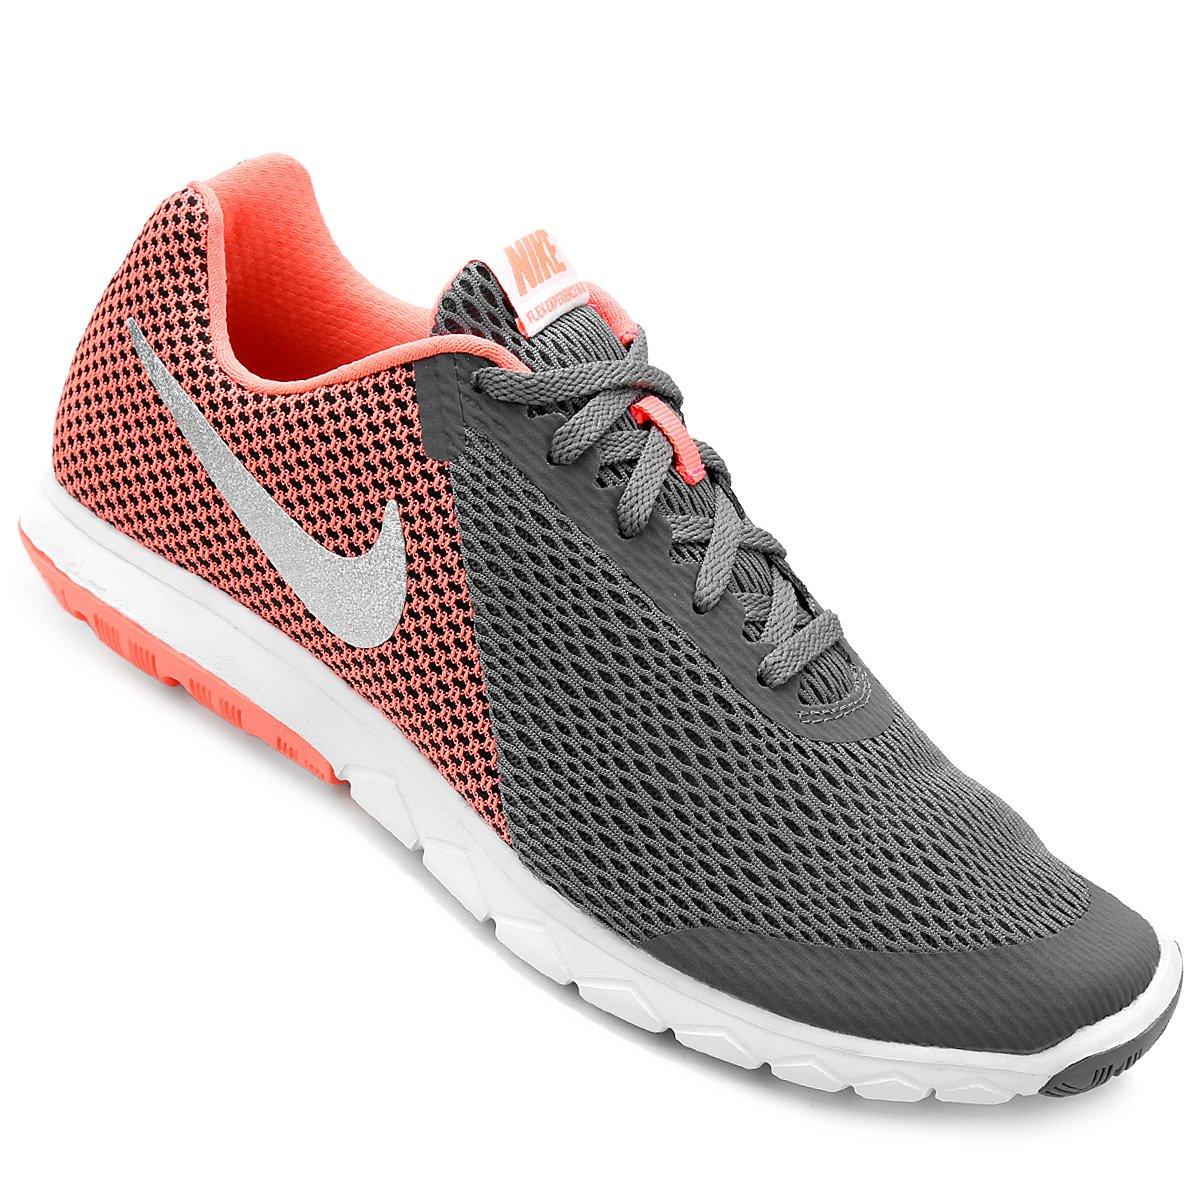 e43b70e6e38 Tênis Nike Flex Experience Rn 6 Feminino - Cinza e Salmão - Compre Agora